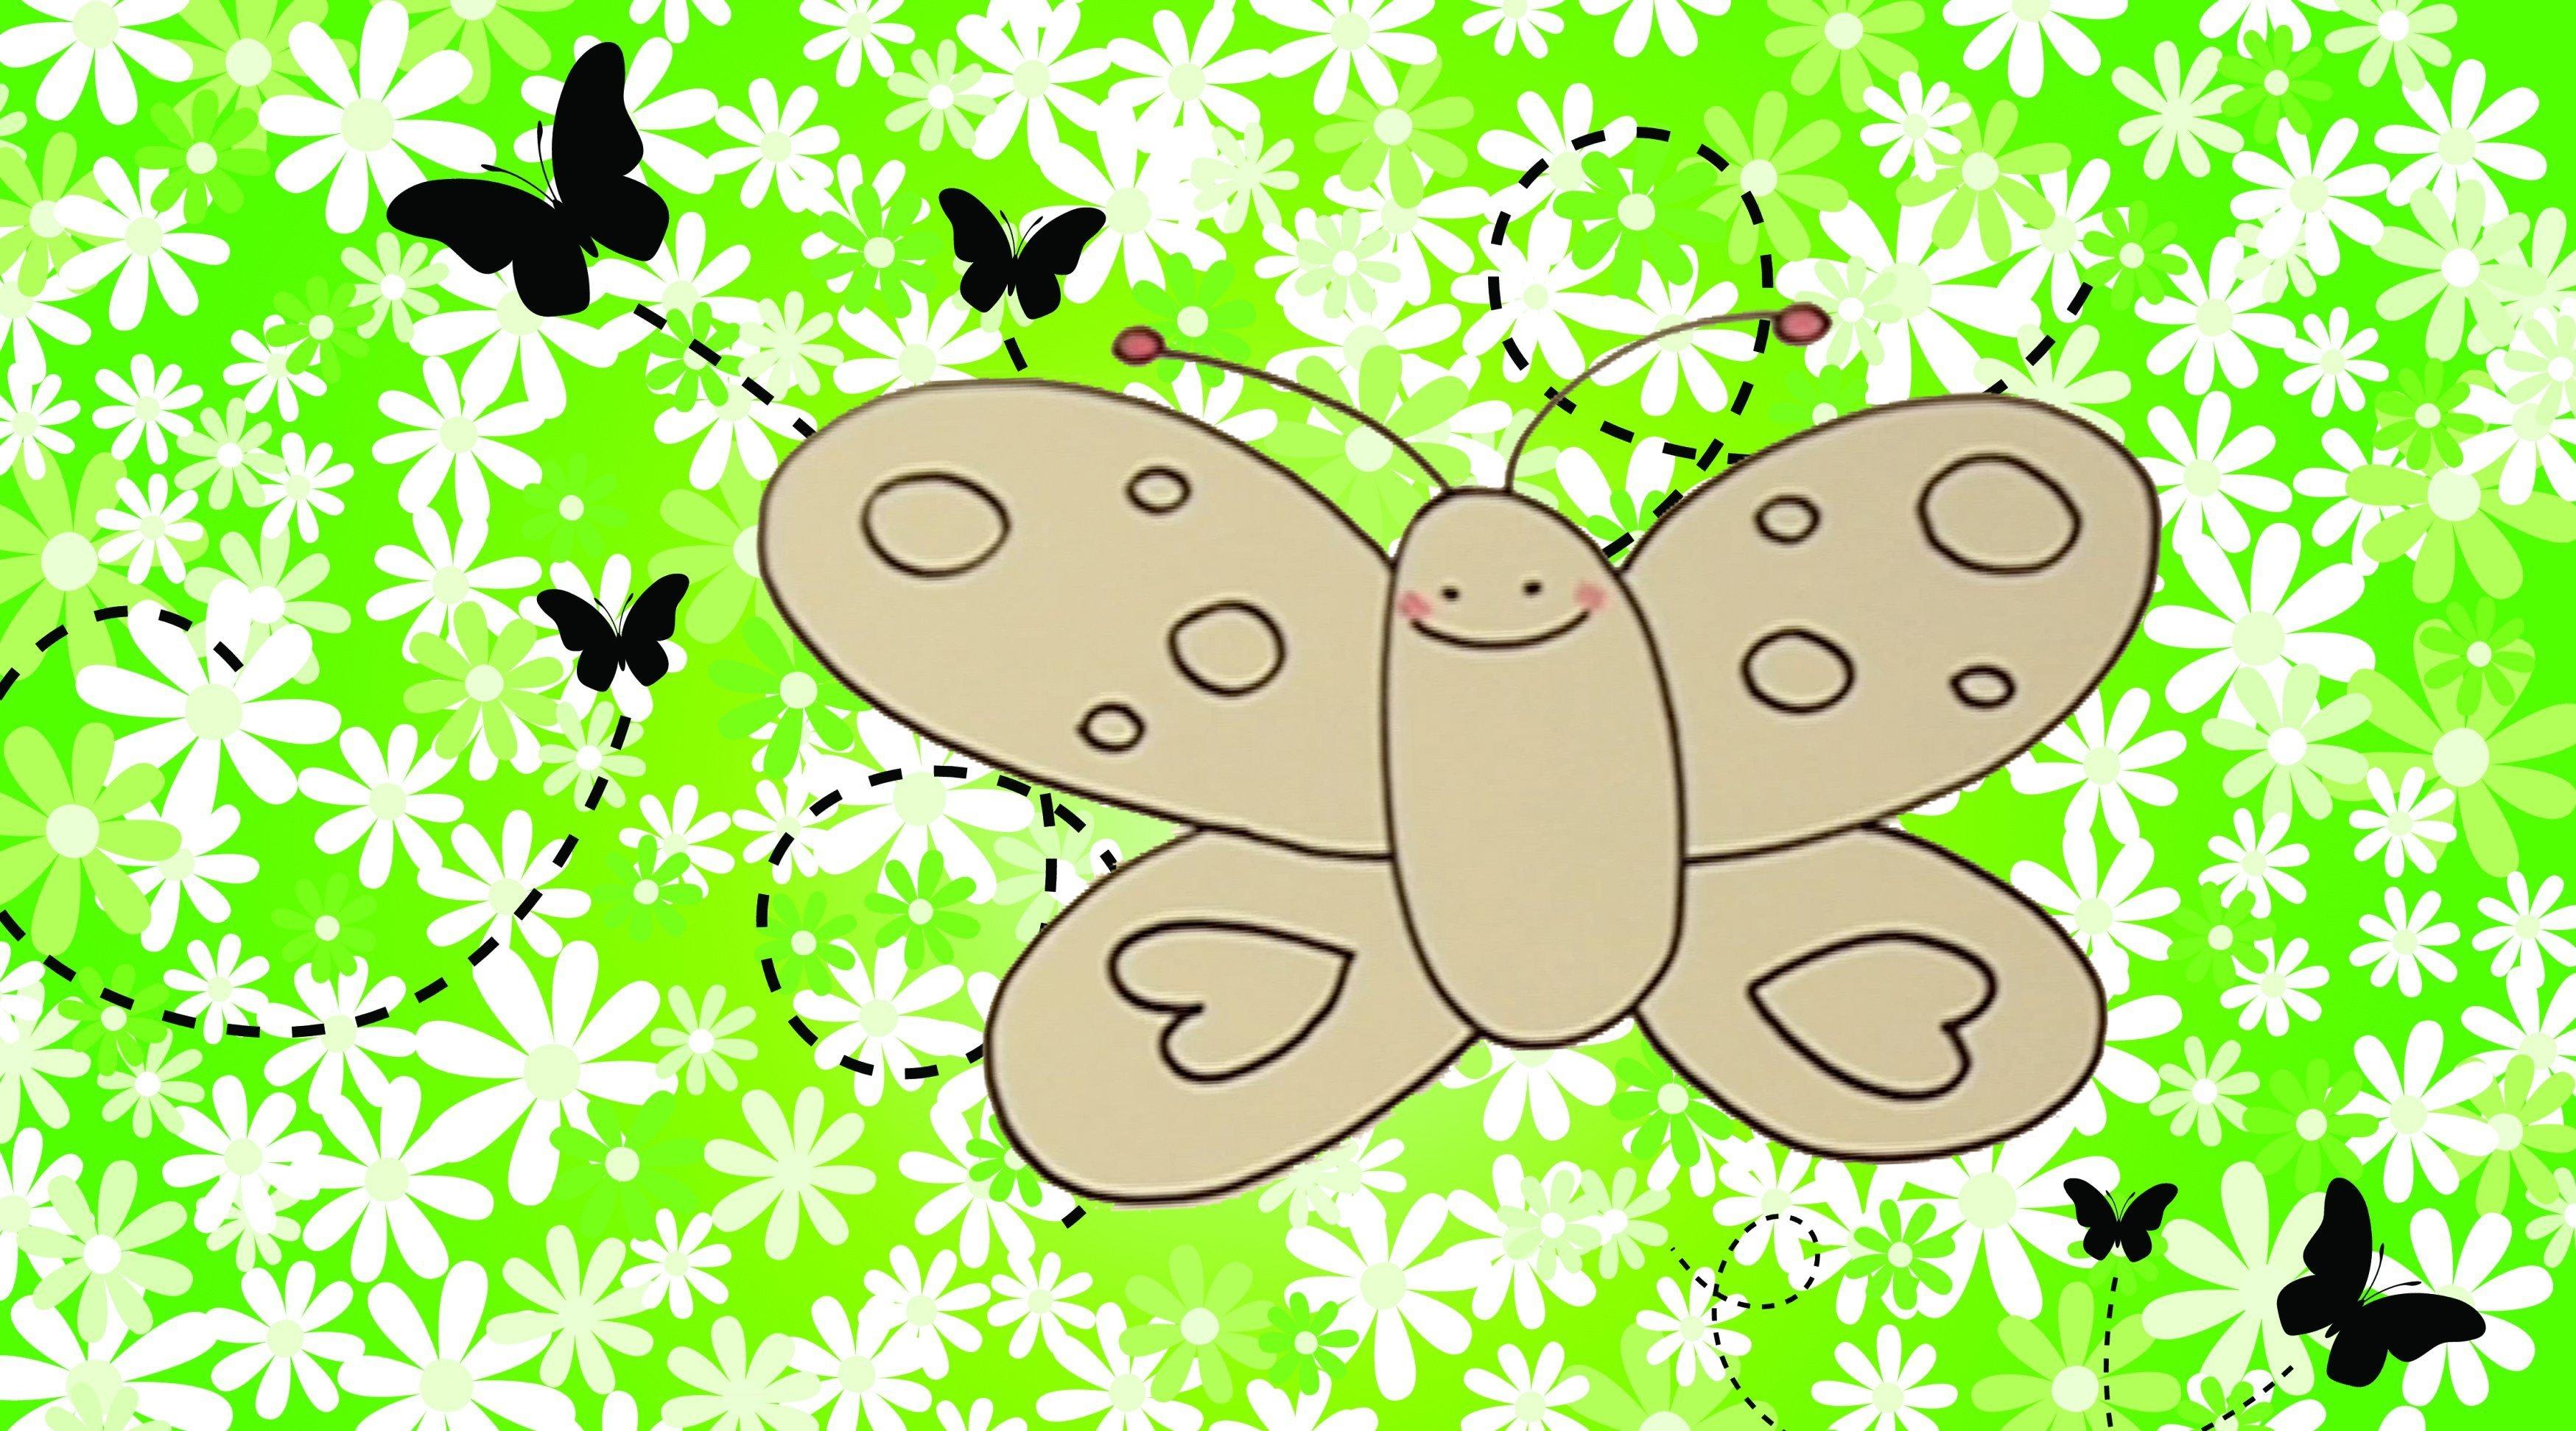 C mo dibujar una mariposa dibujos infantiles - Bebes dibujos infantiles ...